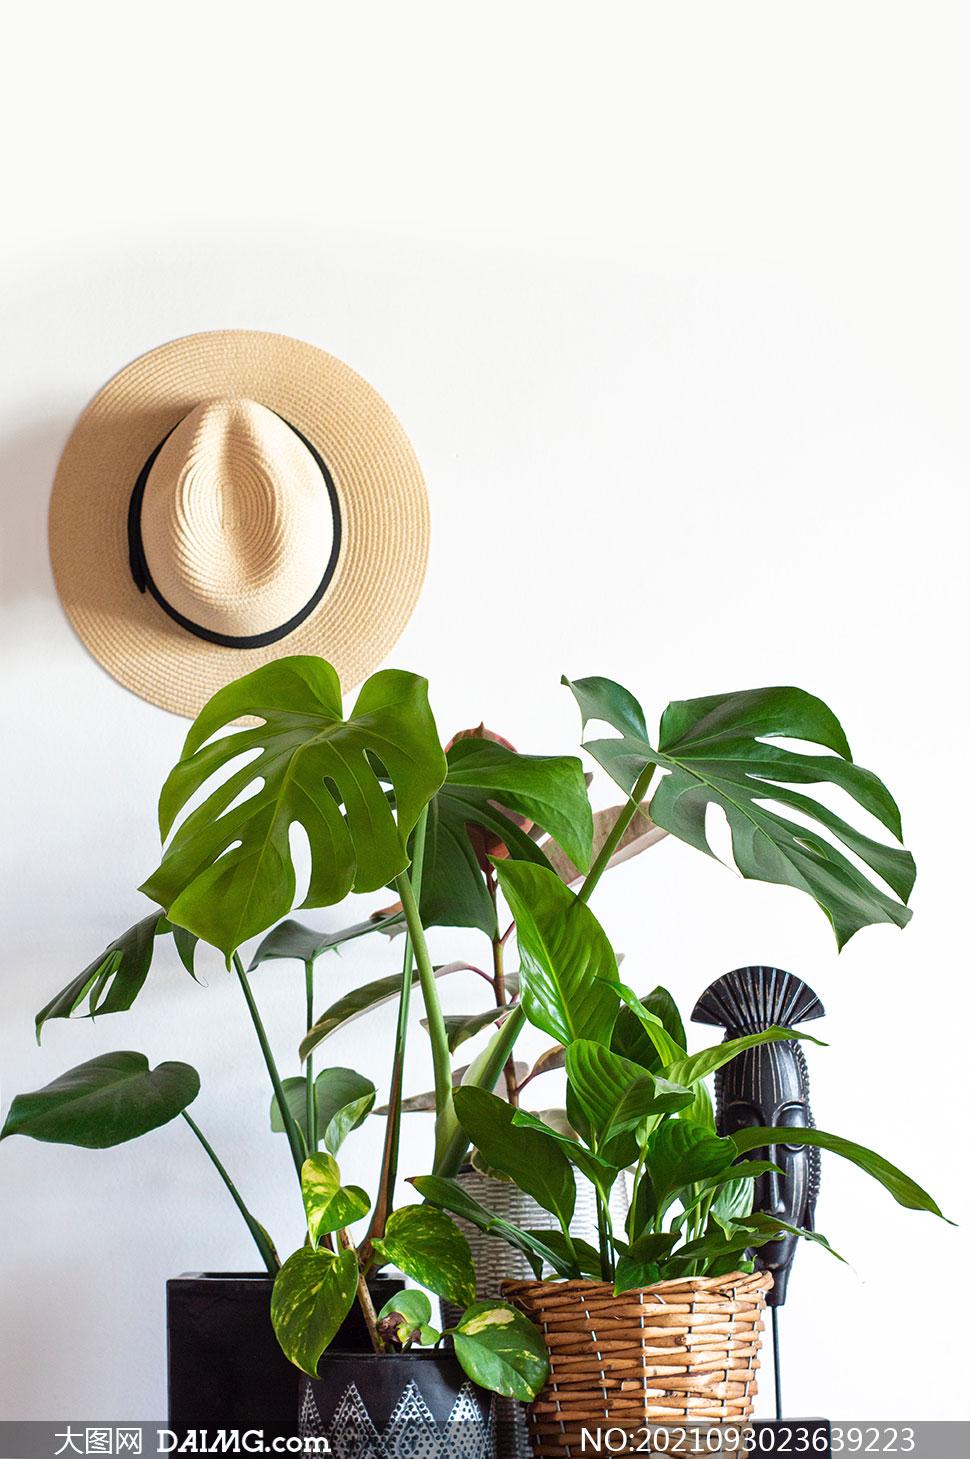 绿叶植物与挂在墙上的帽子高清图片